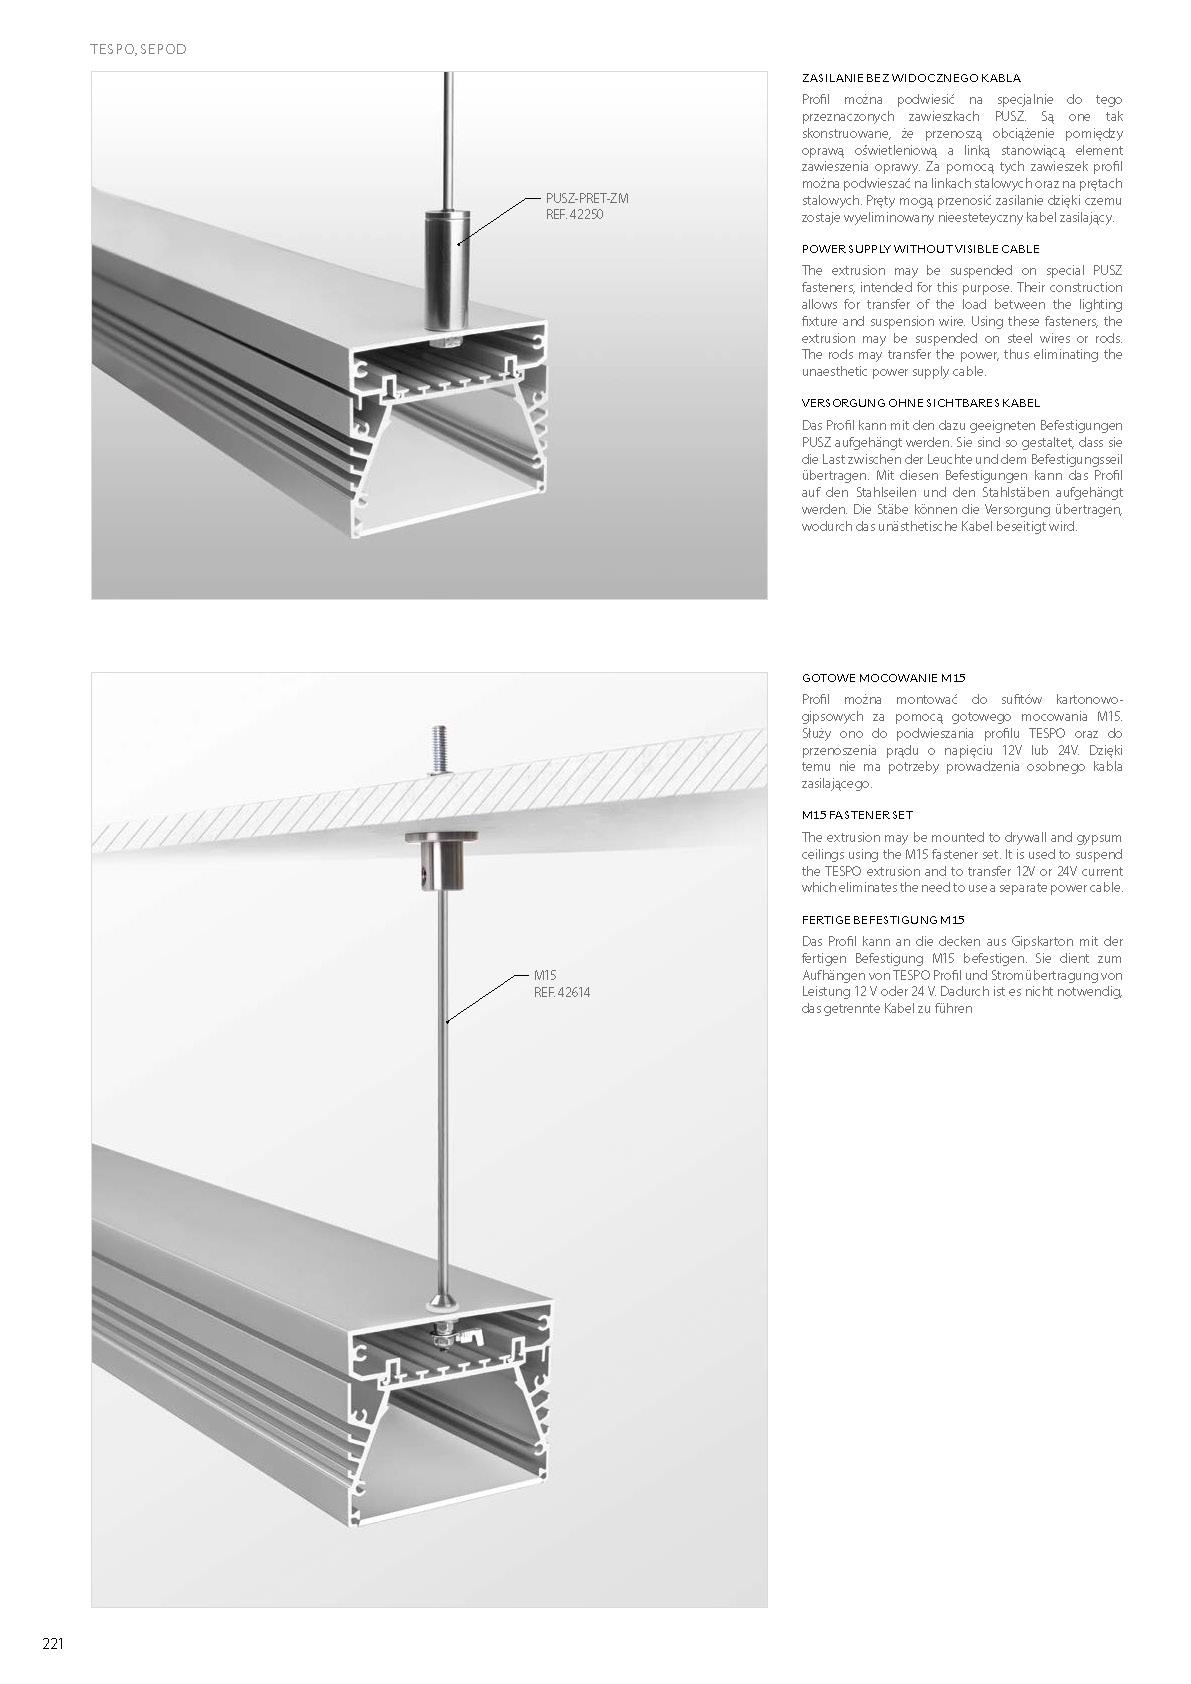 Fantastisch Maytag 4 Draht Trockner Kabel Installation Bilder - Die ...